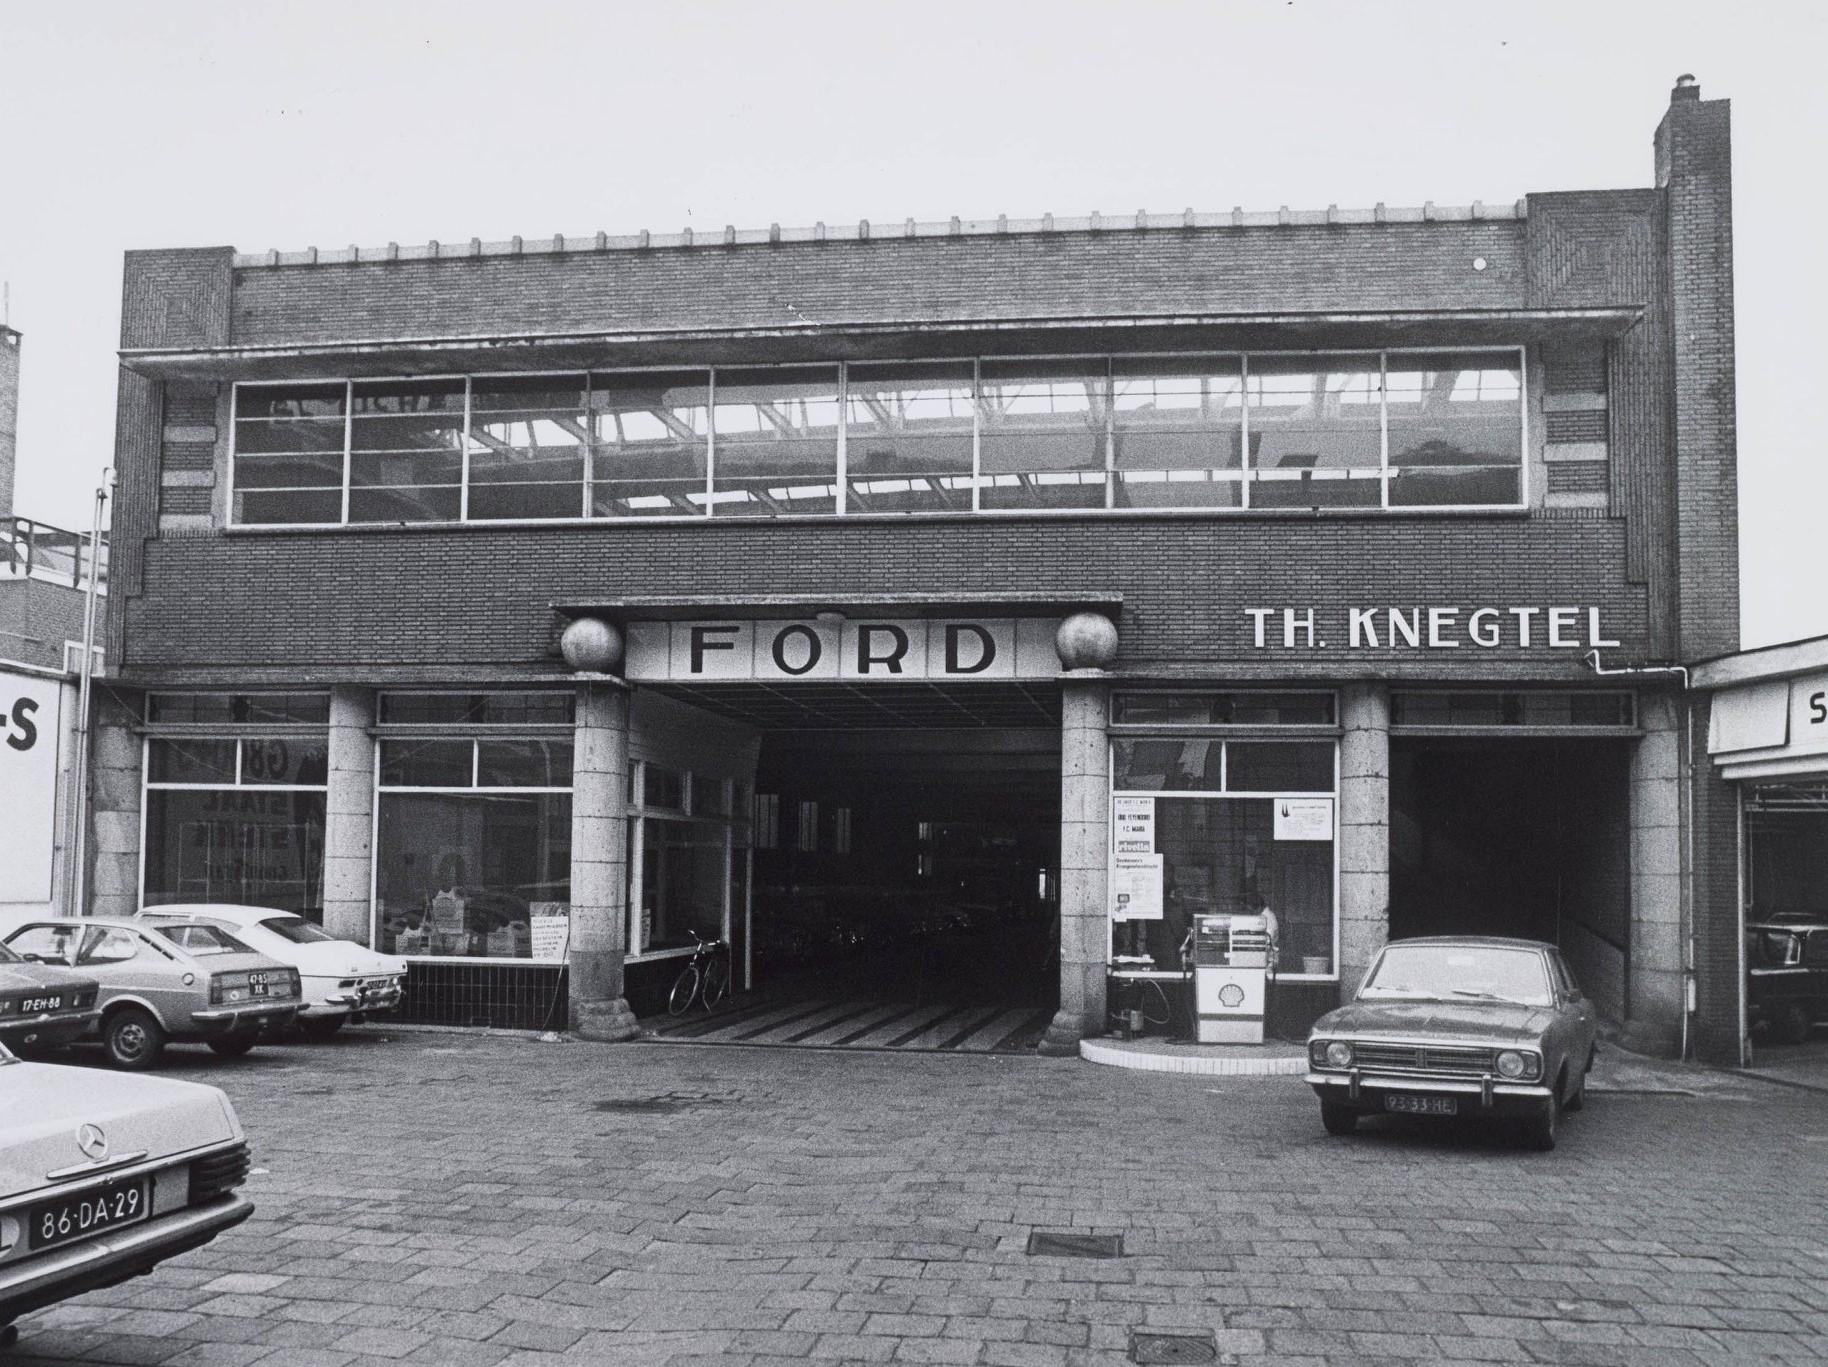 Garagewerkplaats-van-Knegtel--Werd-gebouwd-in-1933-en-geopend-op-vrijdag-4-januari-1934-